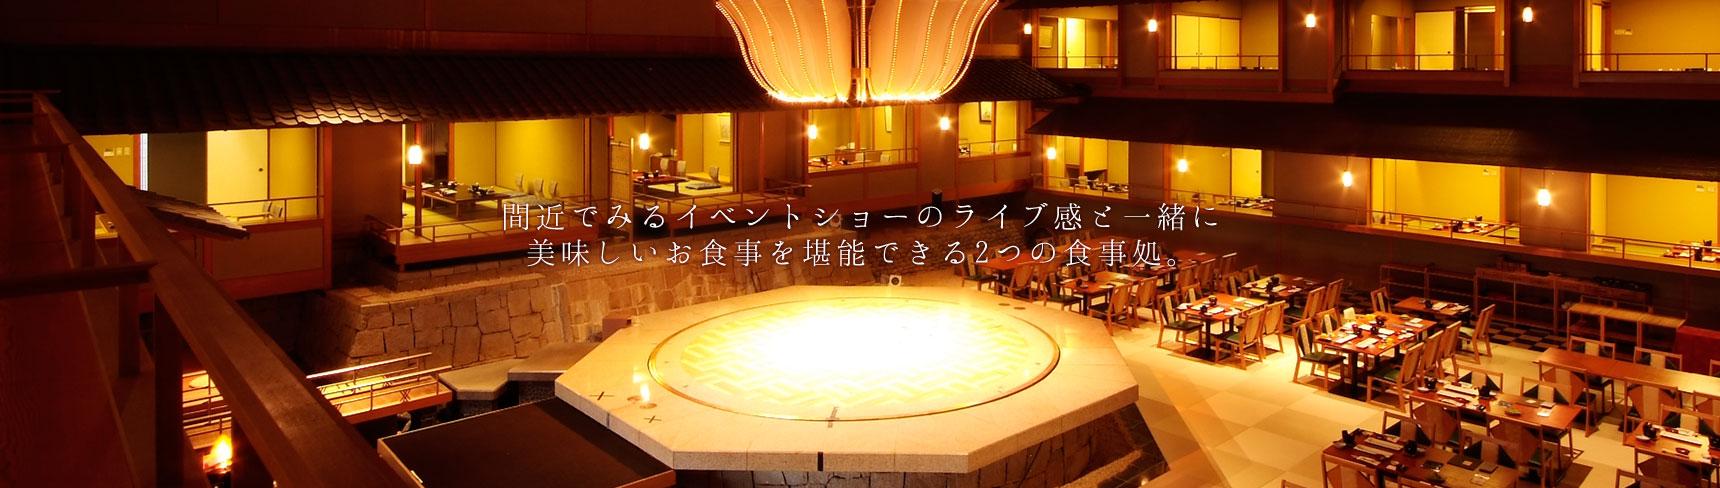 の あえ 和倉 風 温泉